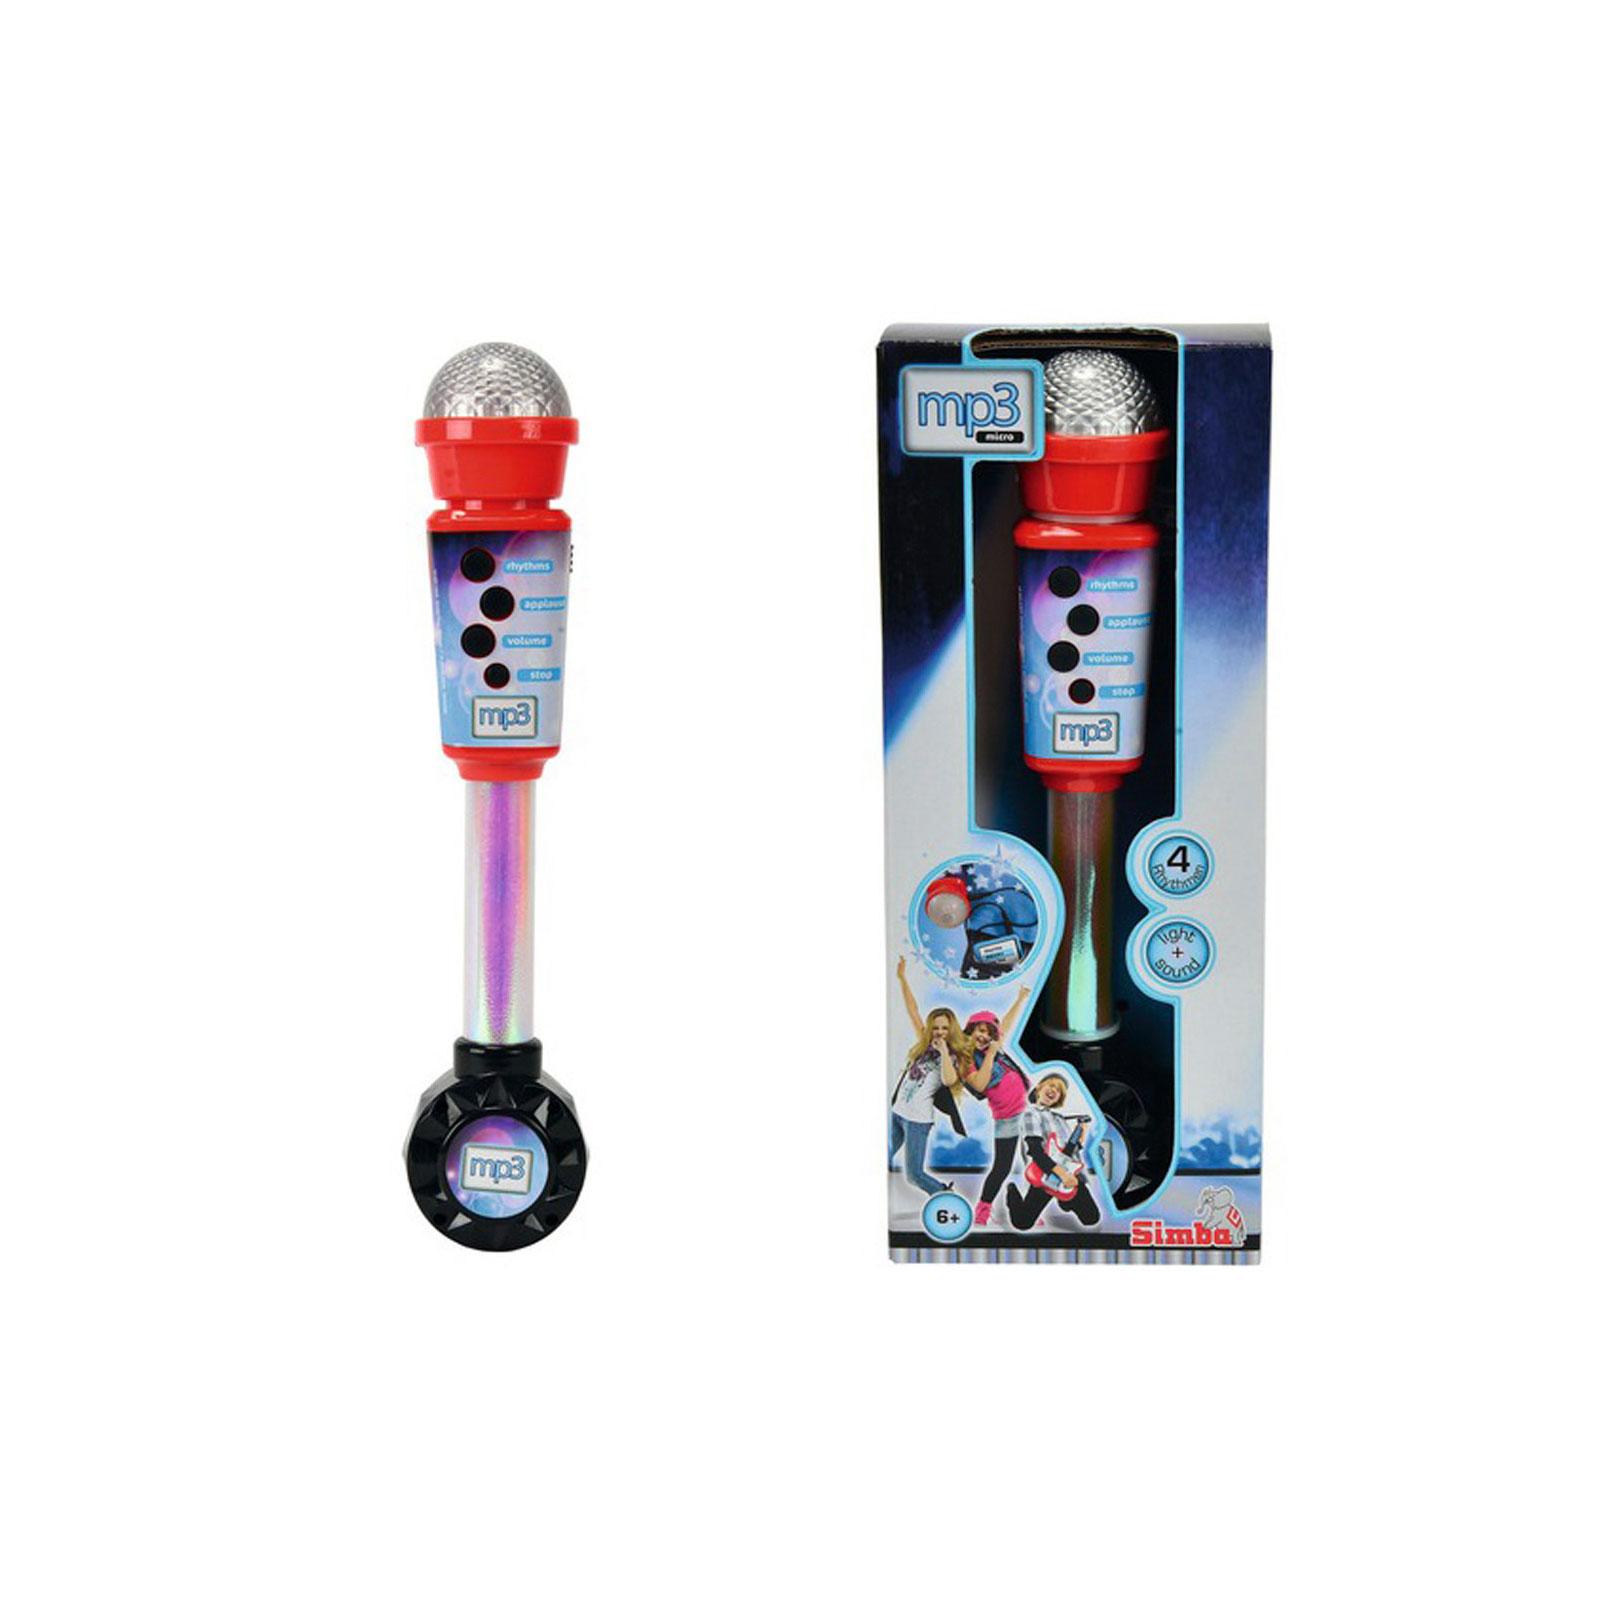 Музыкальный инструмент Simba Микрофон совместимый с mp3 (4 ритма)<br>